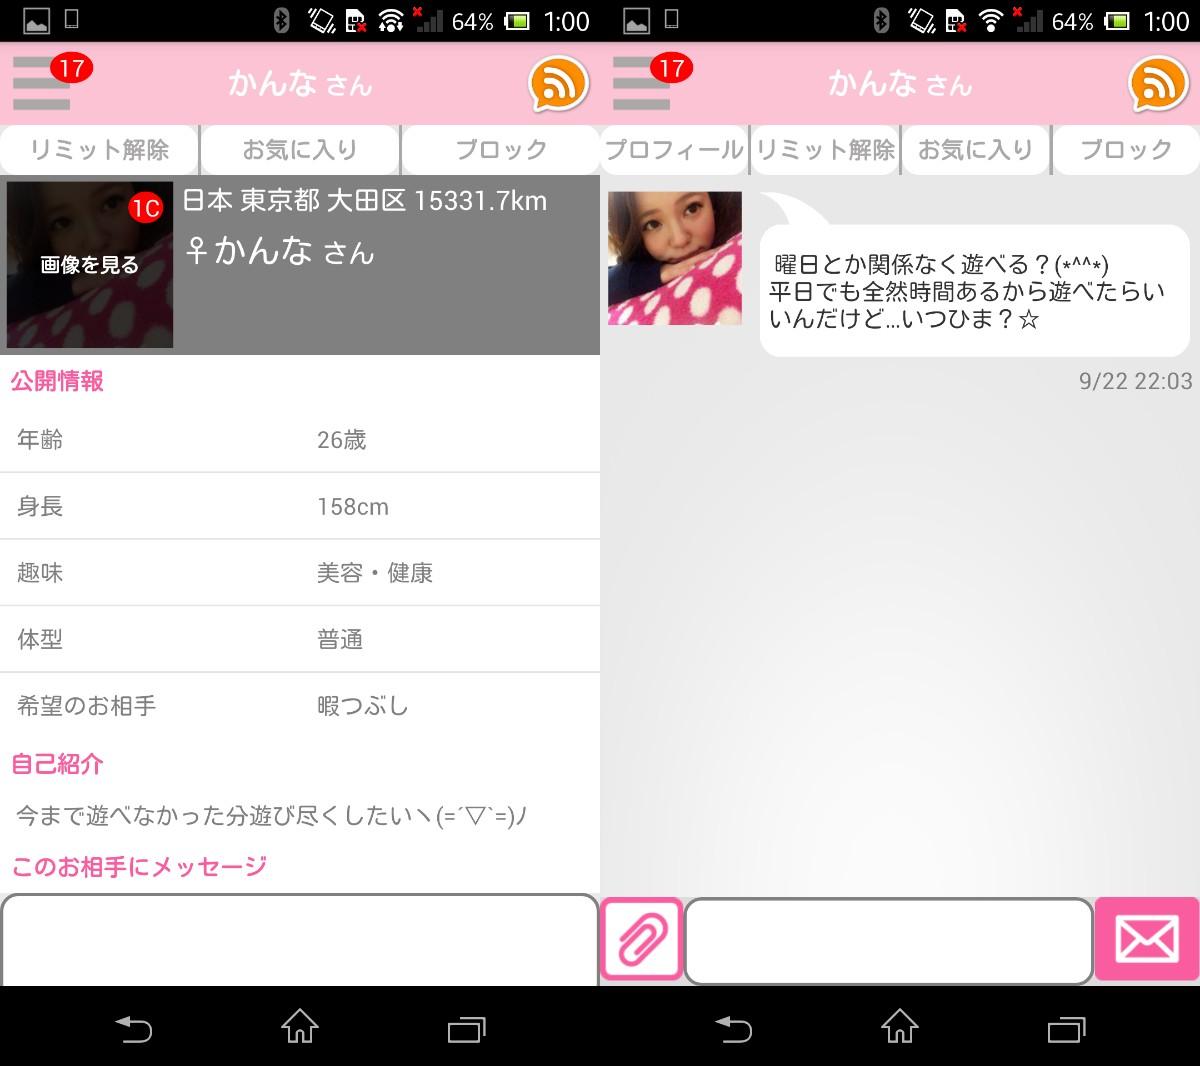 ソーシャルネットワーキングのIt【イット】サクラ